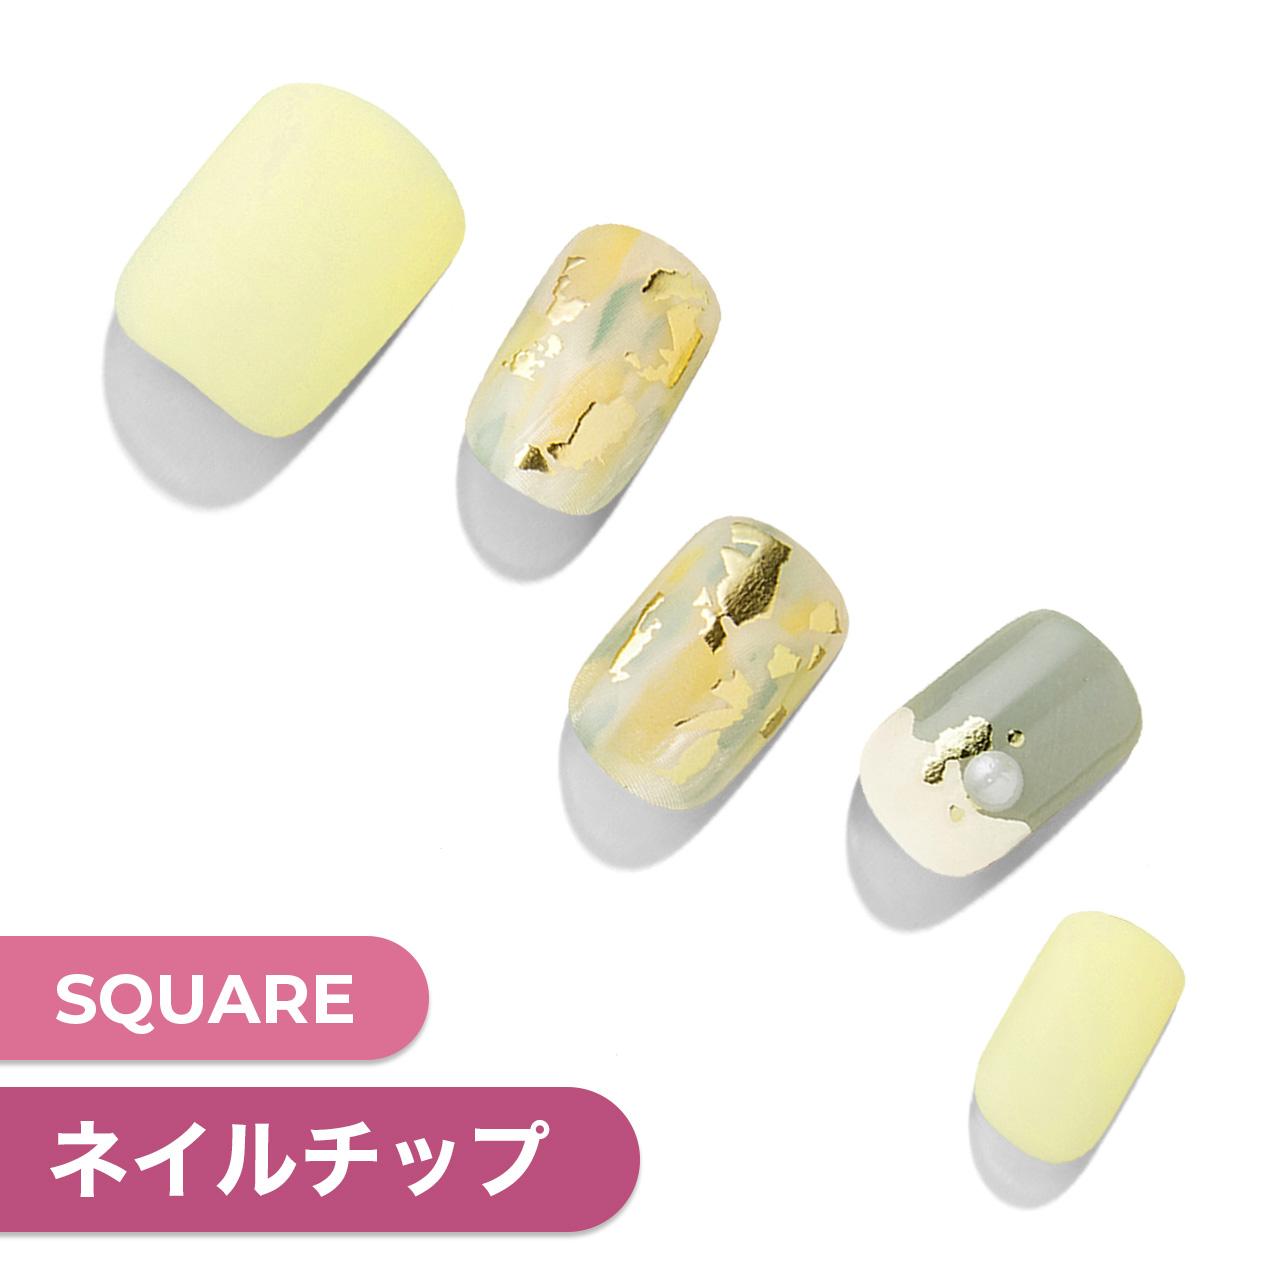 【Fresh Mint】ダッシングディバマジックプレス